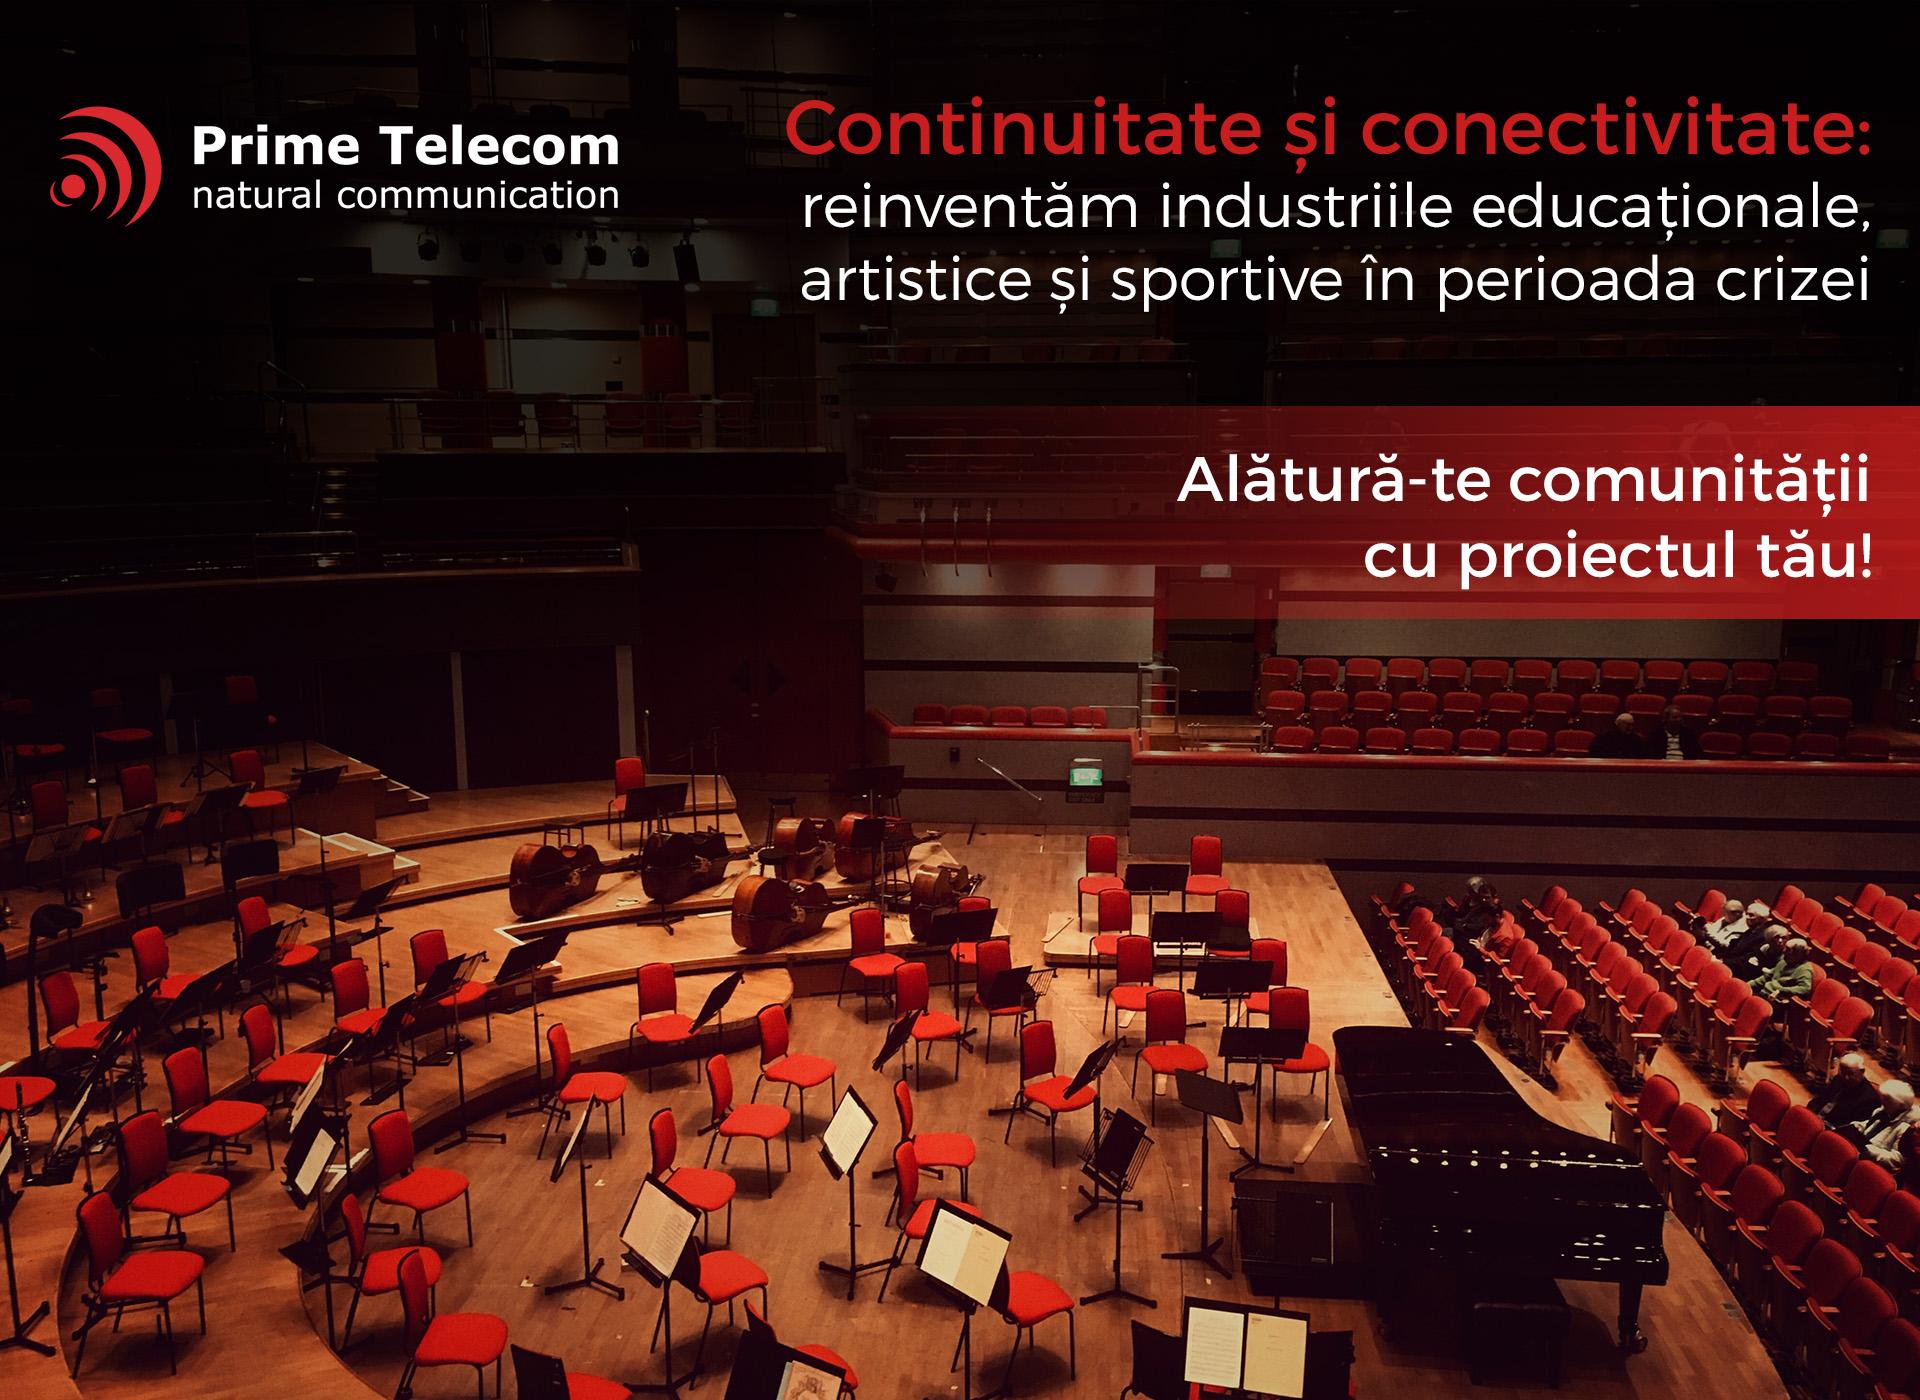 Prime Telecom sprijină companiile din industriile educaționale, artistice și sportive cu resurse gratuite de cloud